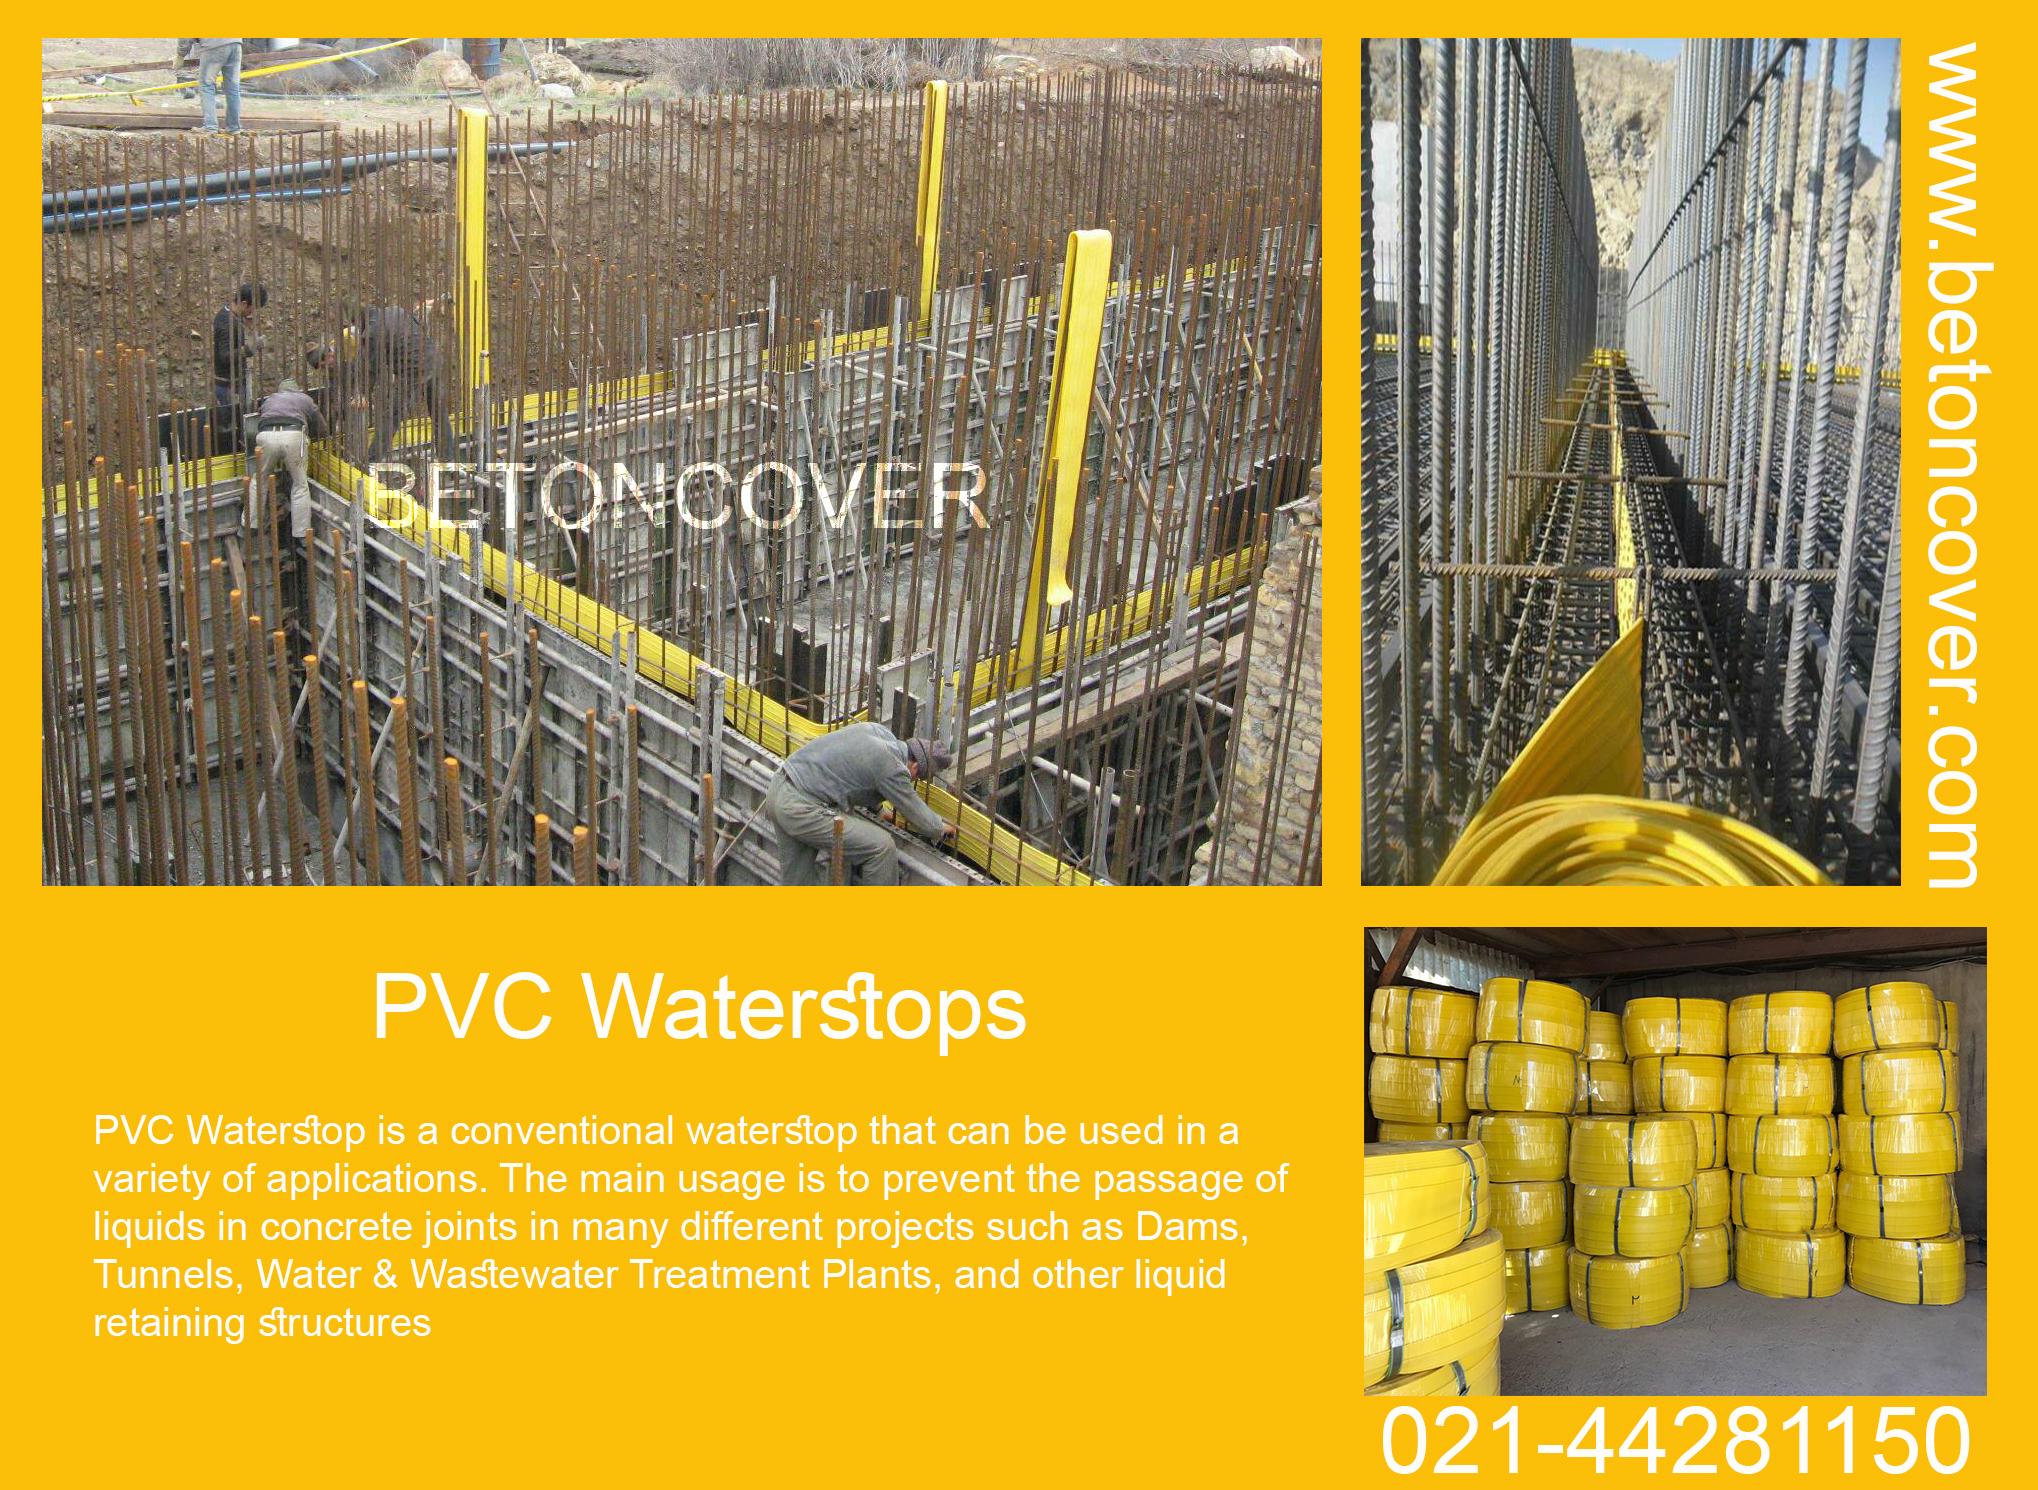 واترستاپ های pvc